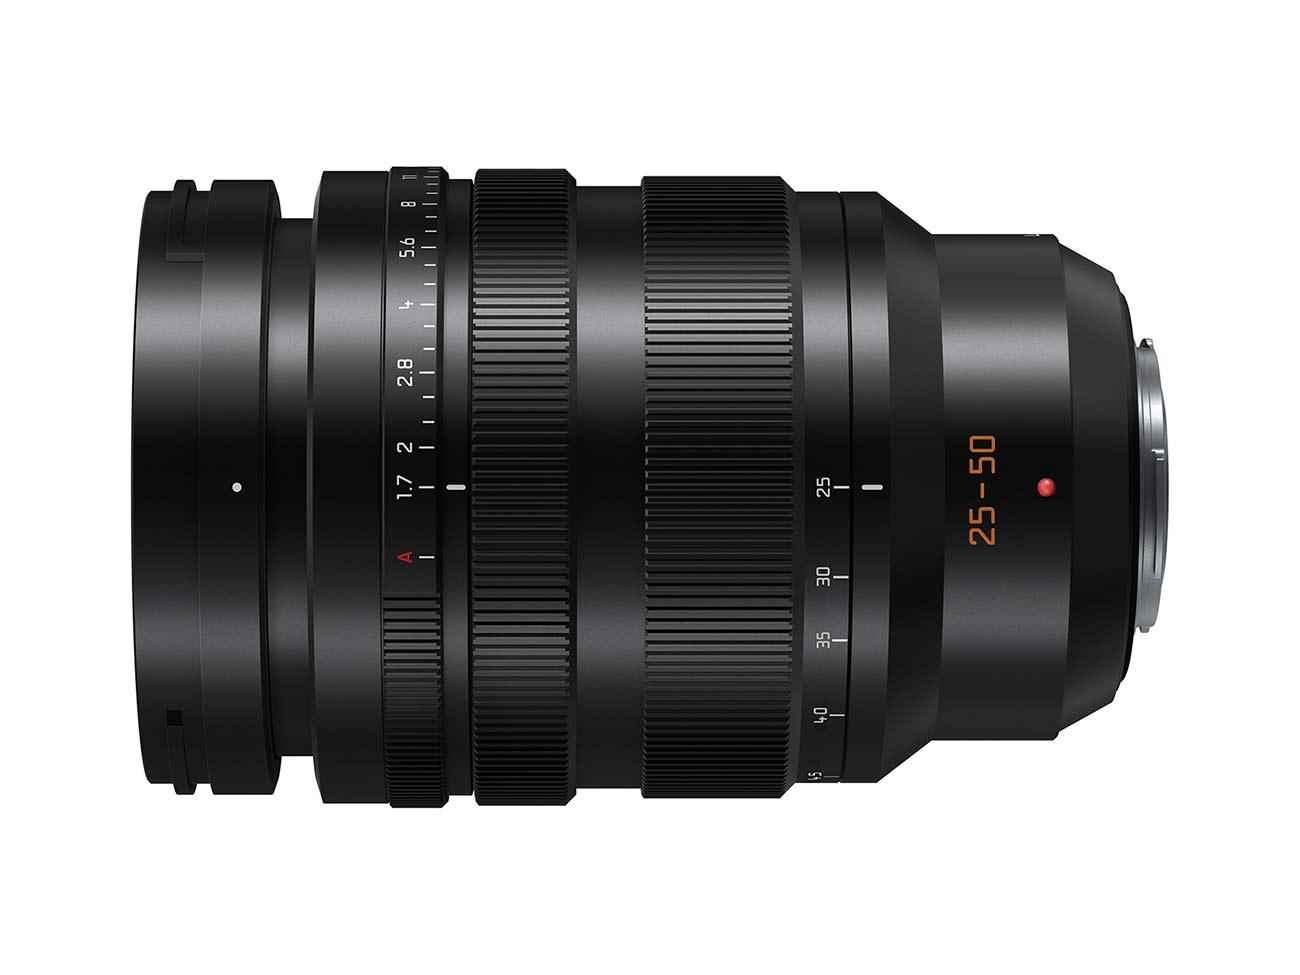 The forthcoming LEICA DG 25-50mm f/1.7 MFT lens. Image: Panasonic.